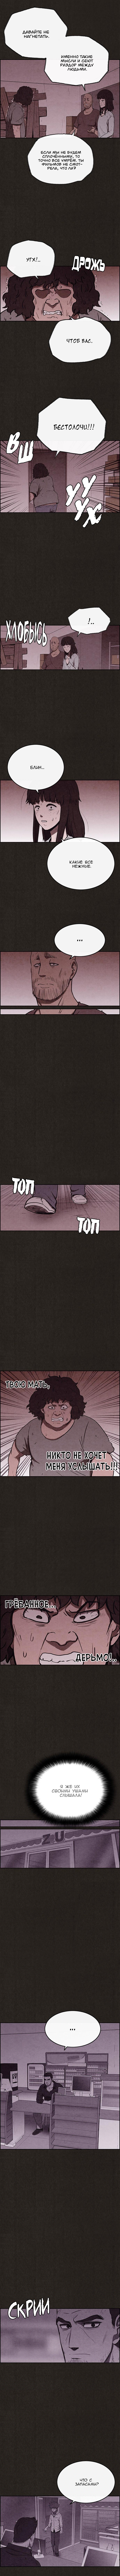 Манга Милый дом / Sweet Home (HWANG Youngchan) - Том 1 Глава 76 Страница 5